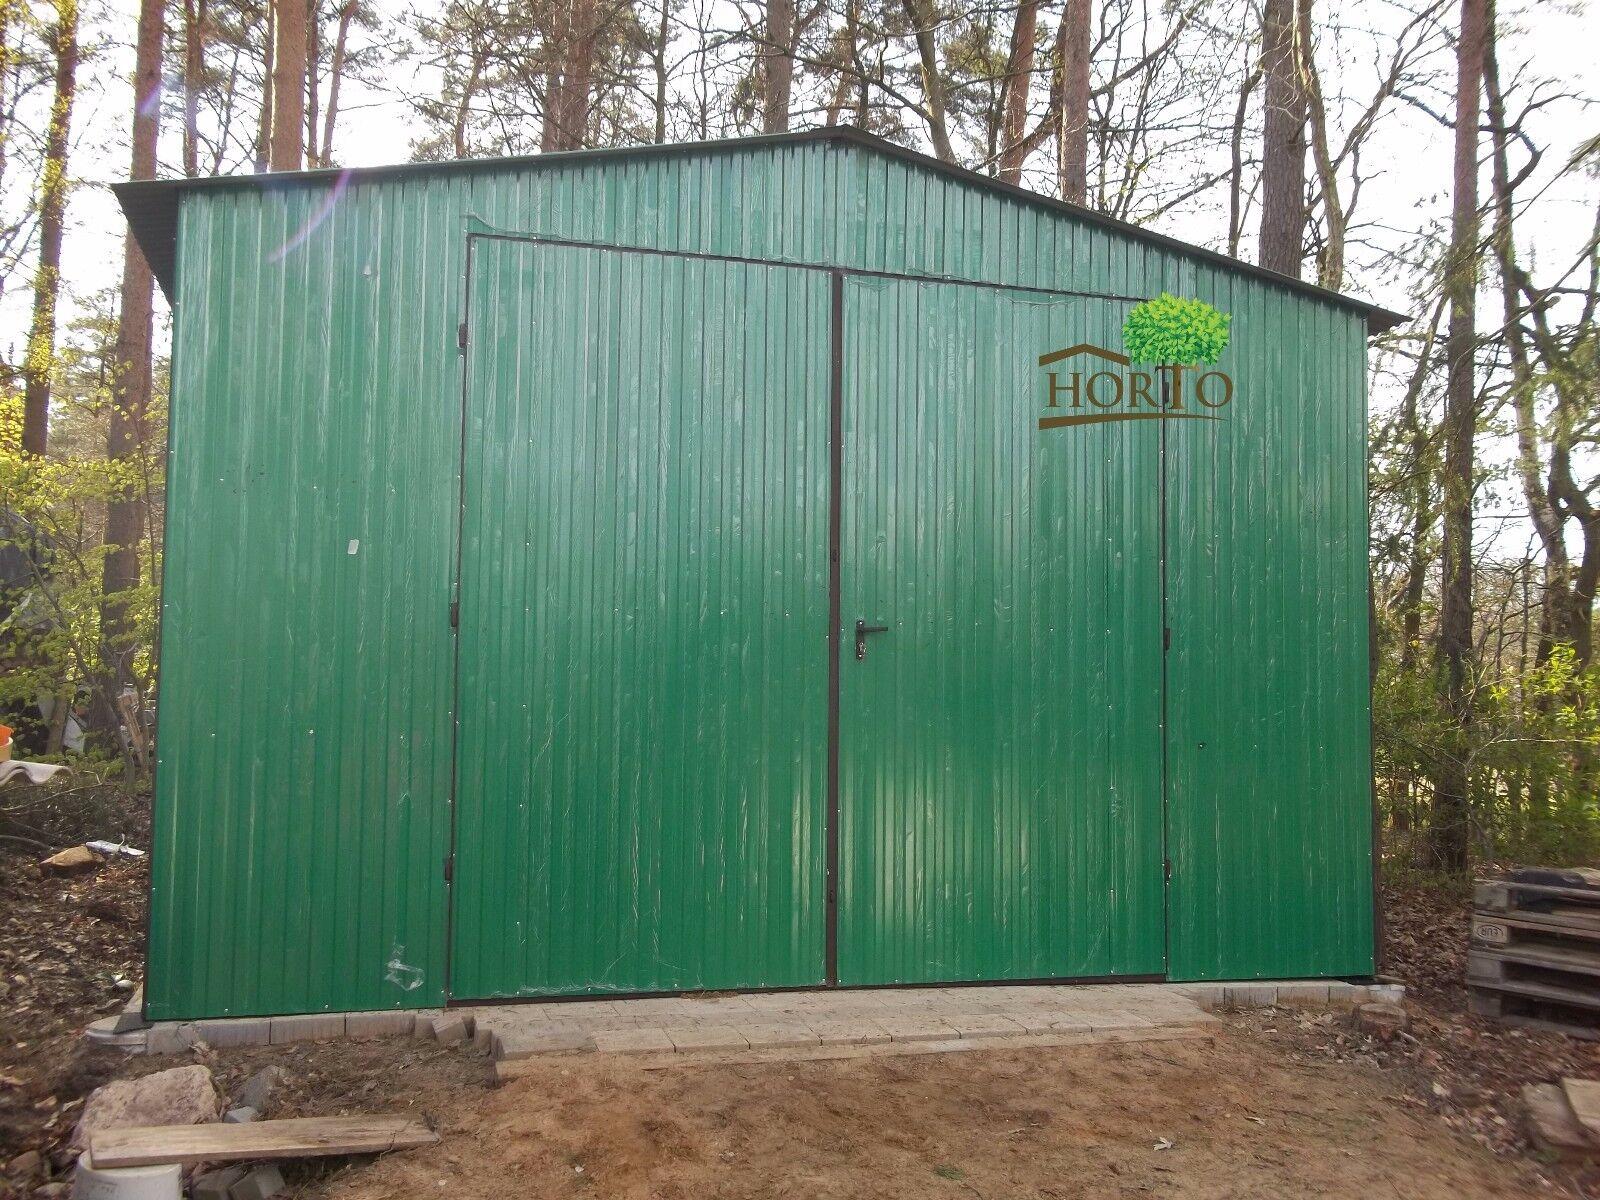 Schuppen Blechgarage Garage Fertiggarage Metallgarage Lagerraum halle 4,0X4,0